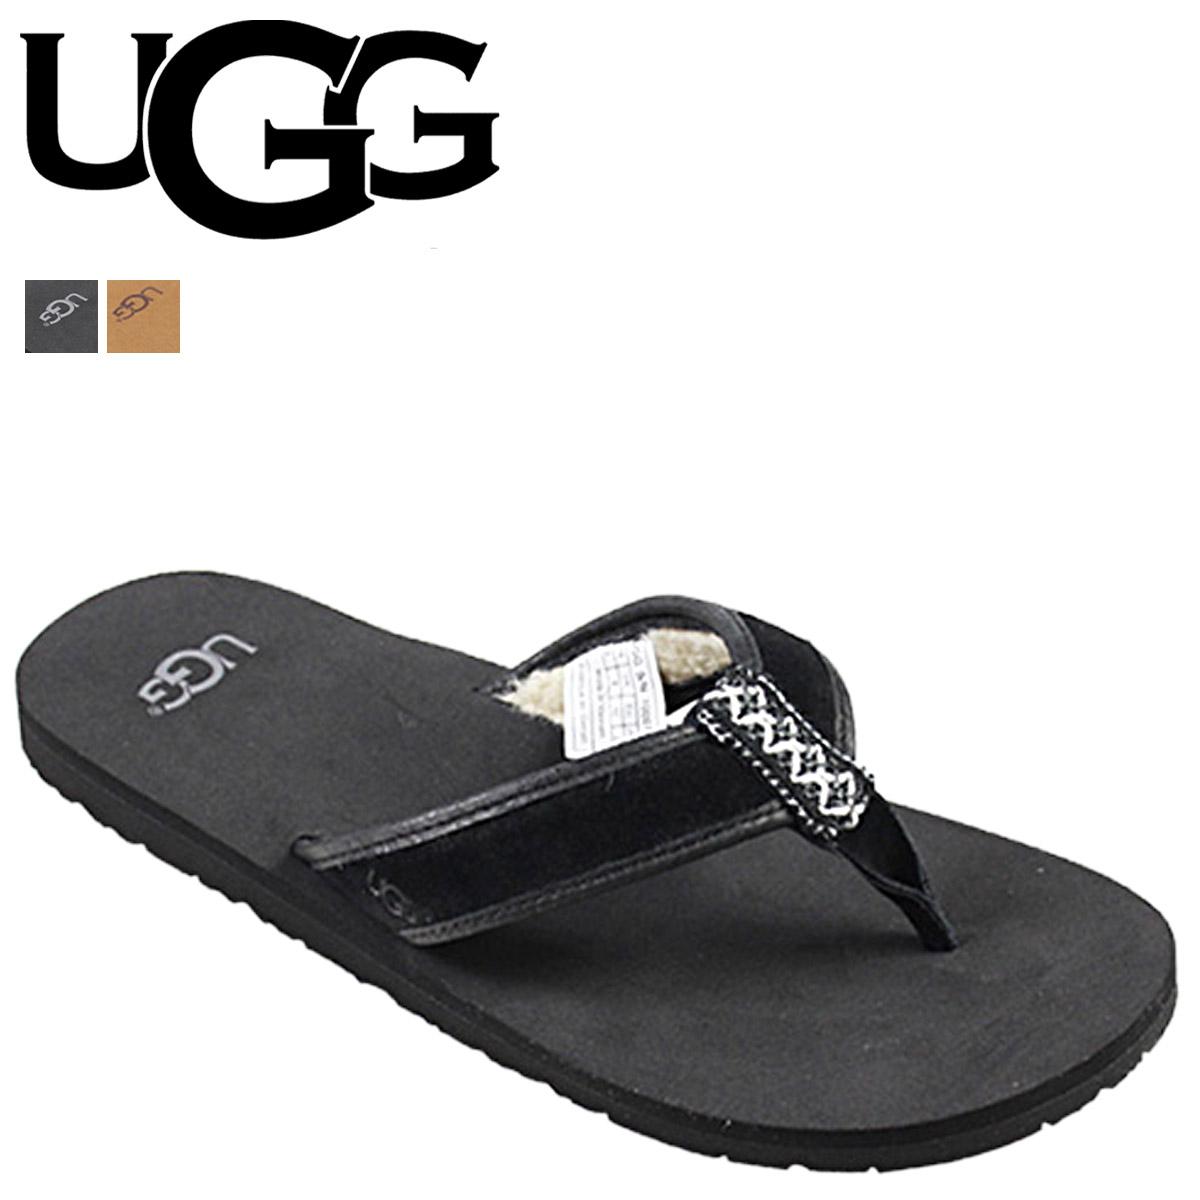 8b282160bfc [SOLD OUT] UGG UGG men's Jesse Borrego sandal thong Sandals MENS BORREGO  Beach Sandals flip flop 1006746 leather